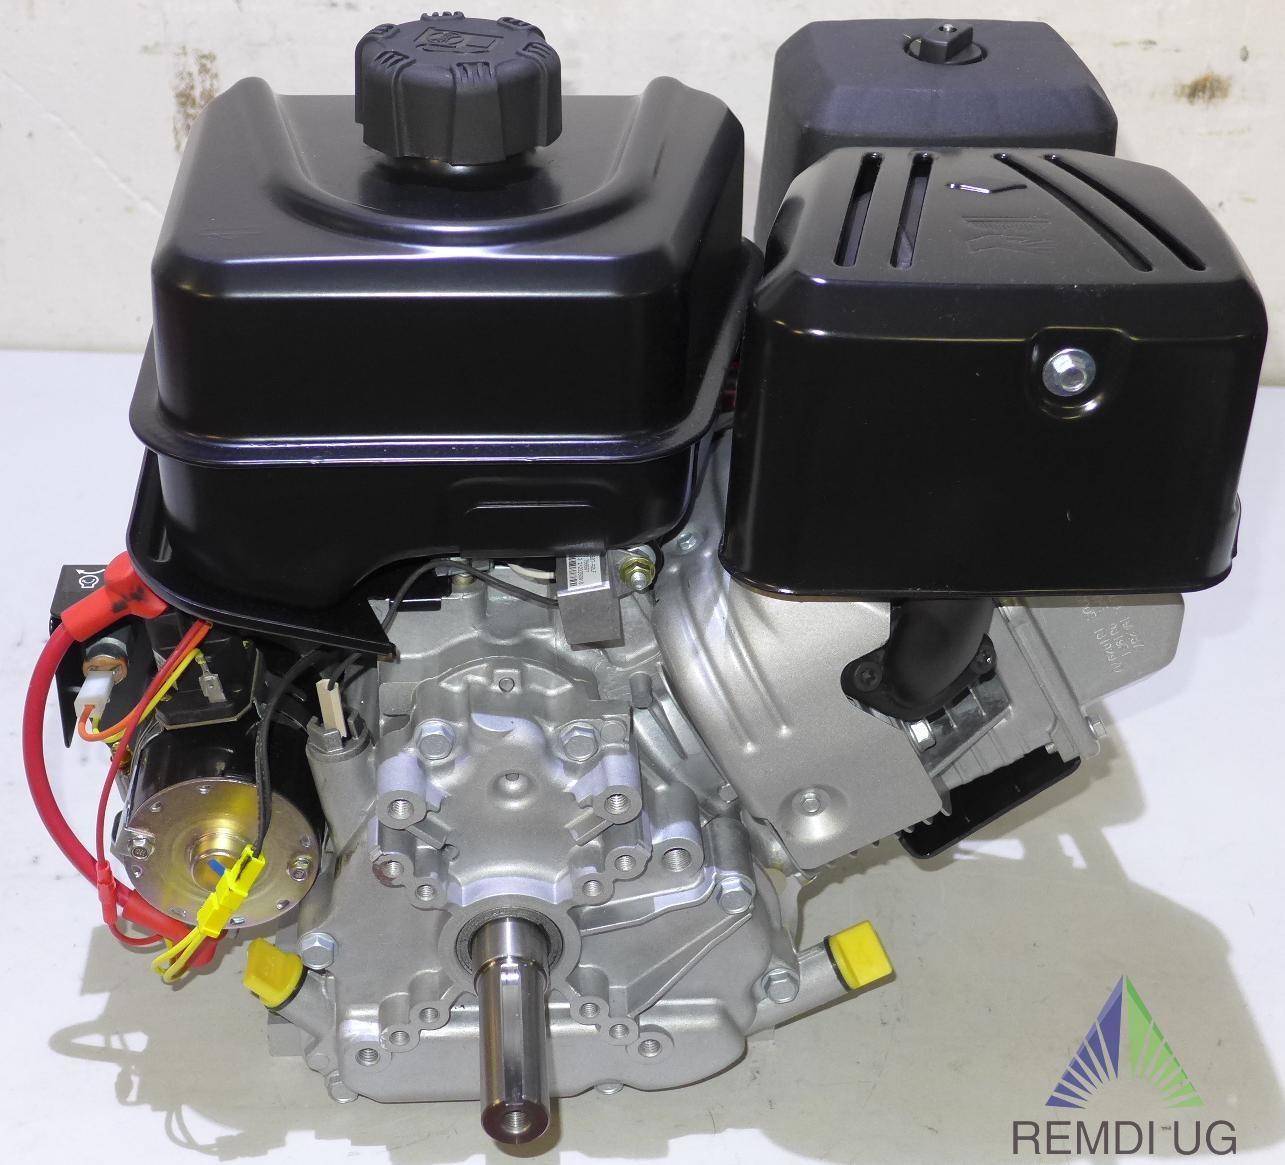 Erfreut Briggs Und Stratton Motor Zusammenbruch Bilder - Elektrische ...